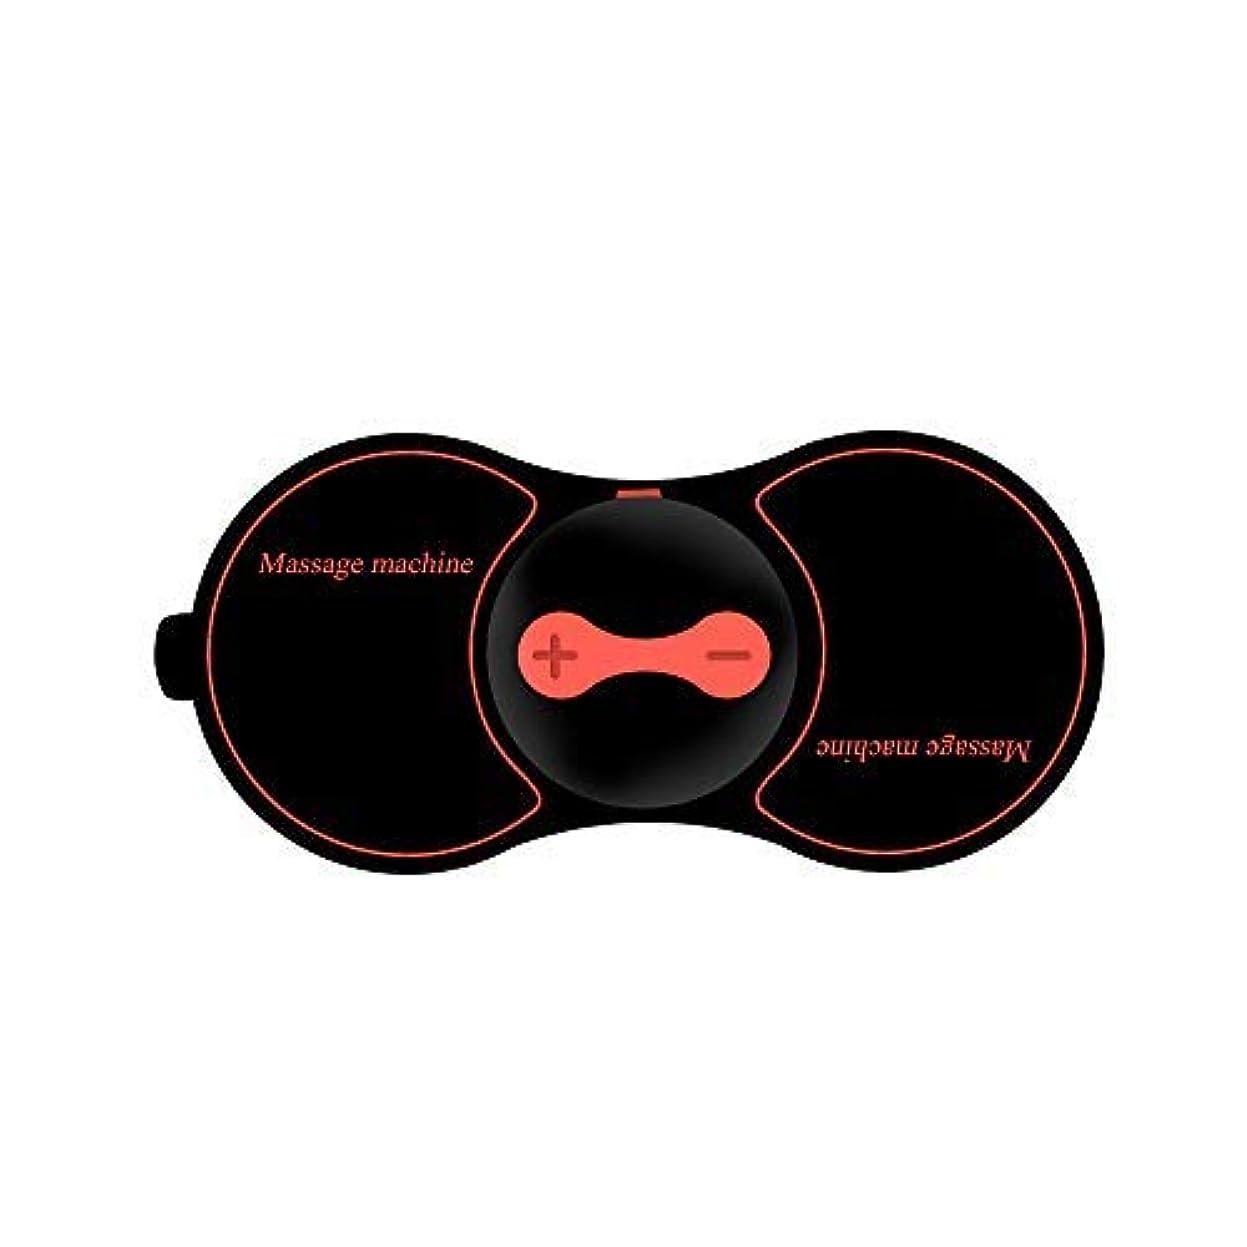 余暇ピンクベリマッサージャー マッサージパッド 超軽量コンパクト コードレス 電気でこり、痛みを緩和 肩、背中、腕、太もも、ふくらはぎに向け 5マッサージモード 10段階調節 リラックス 部屋 オフィス 旅行 健康家電 (ブラック)